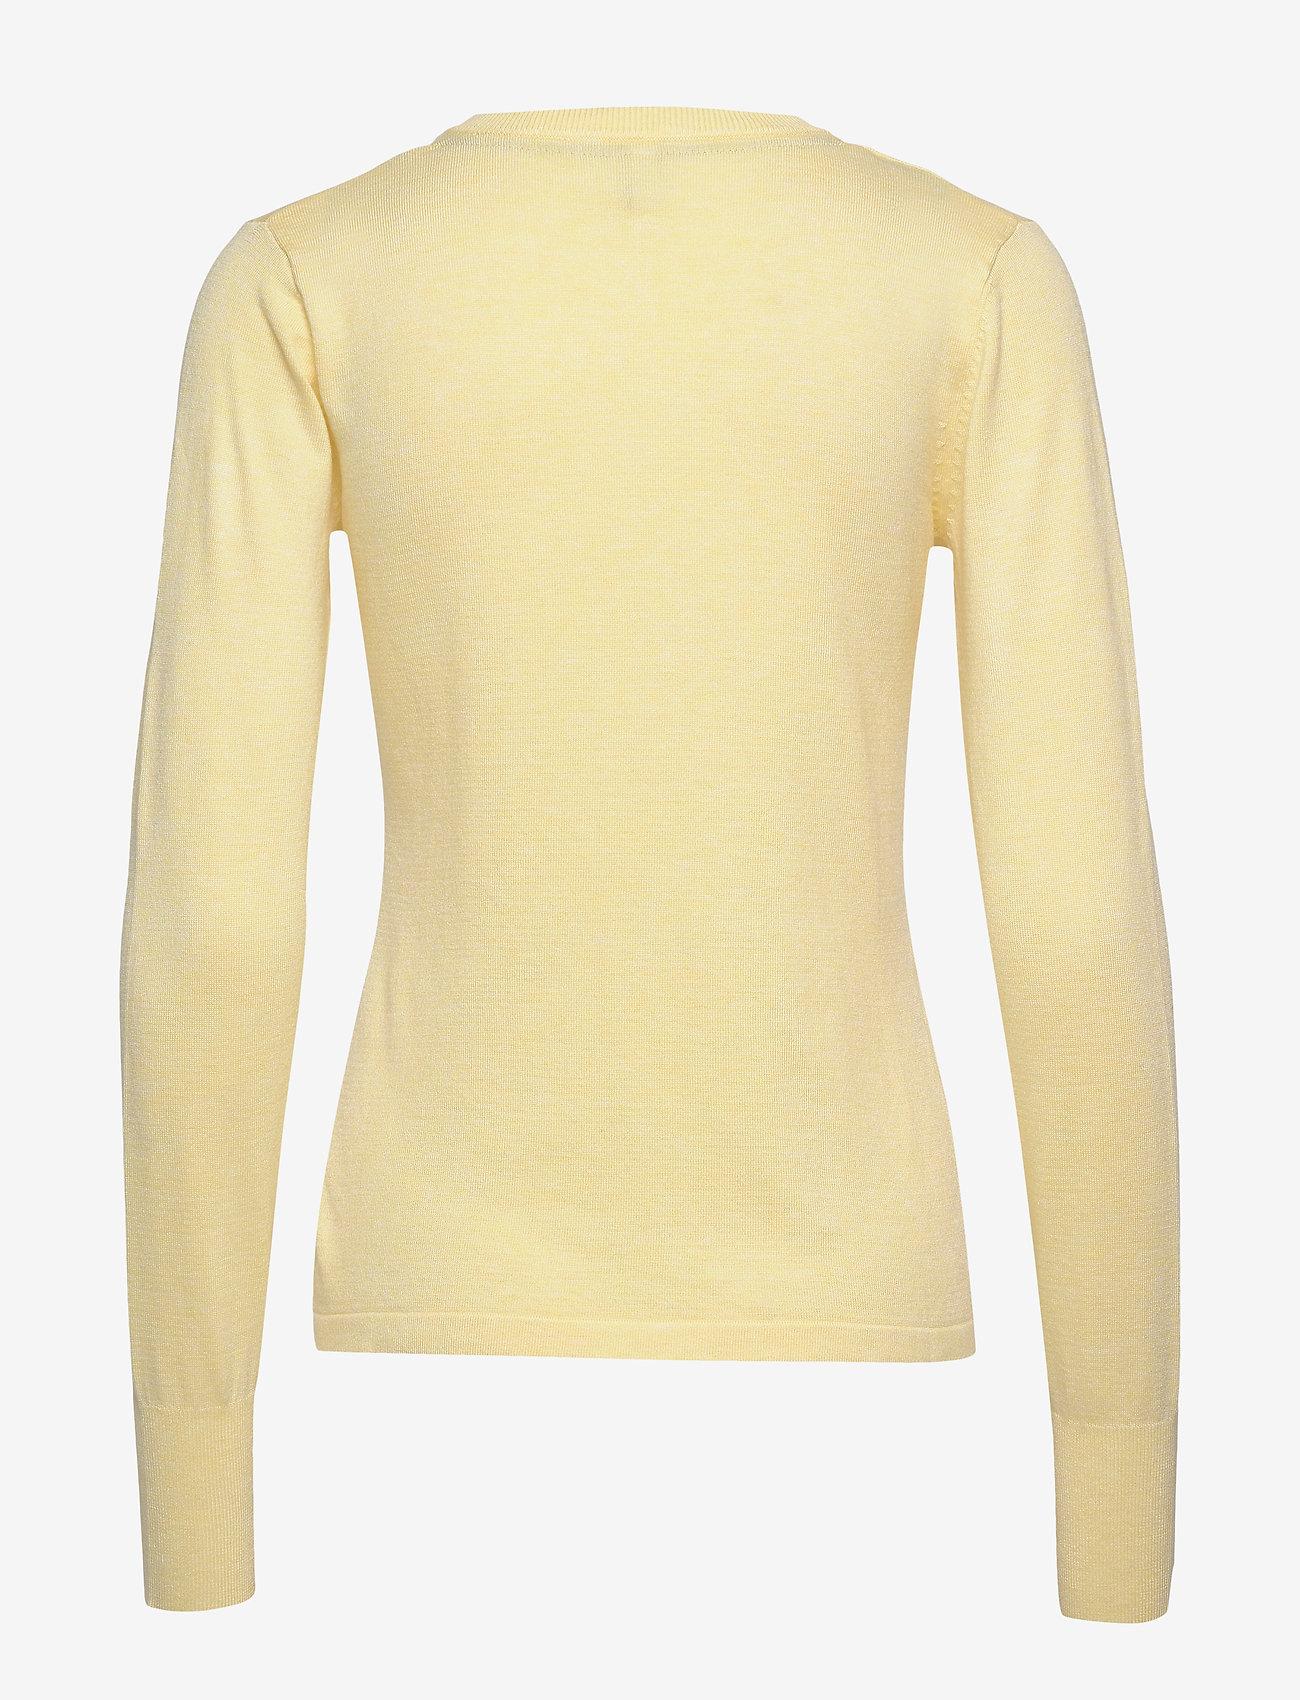 Pulz Jeans Pzsara L/s Cardigan - Knitwear